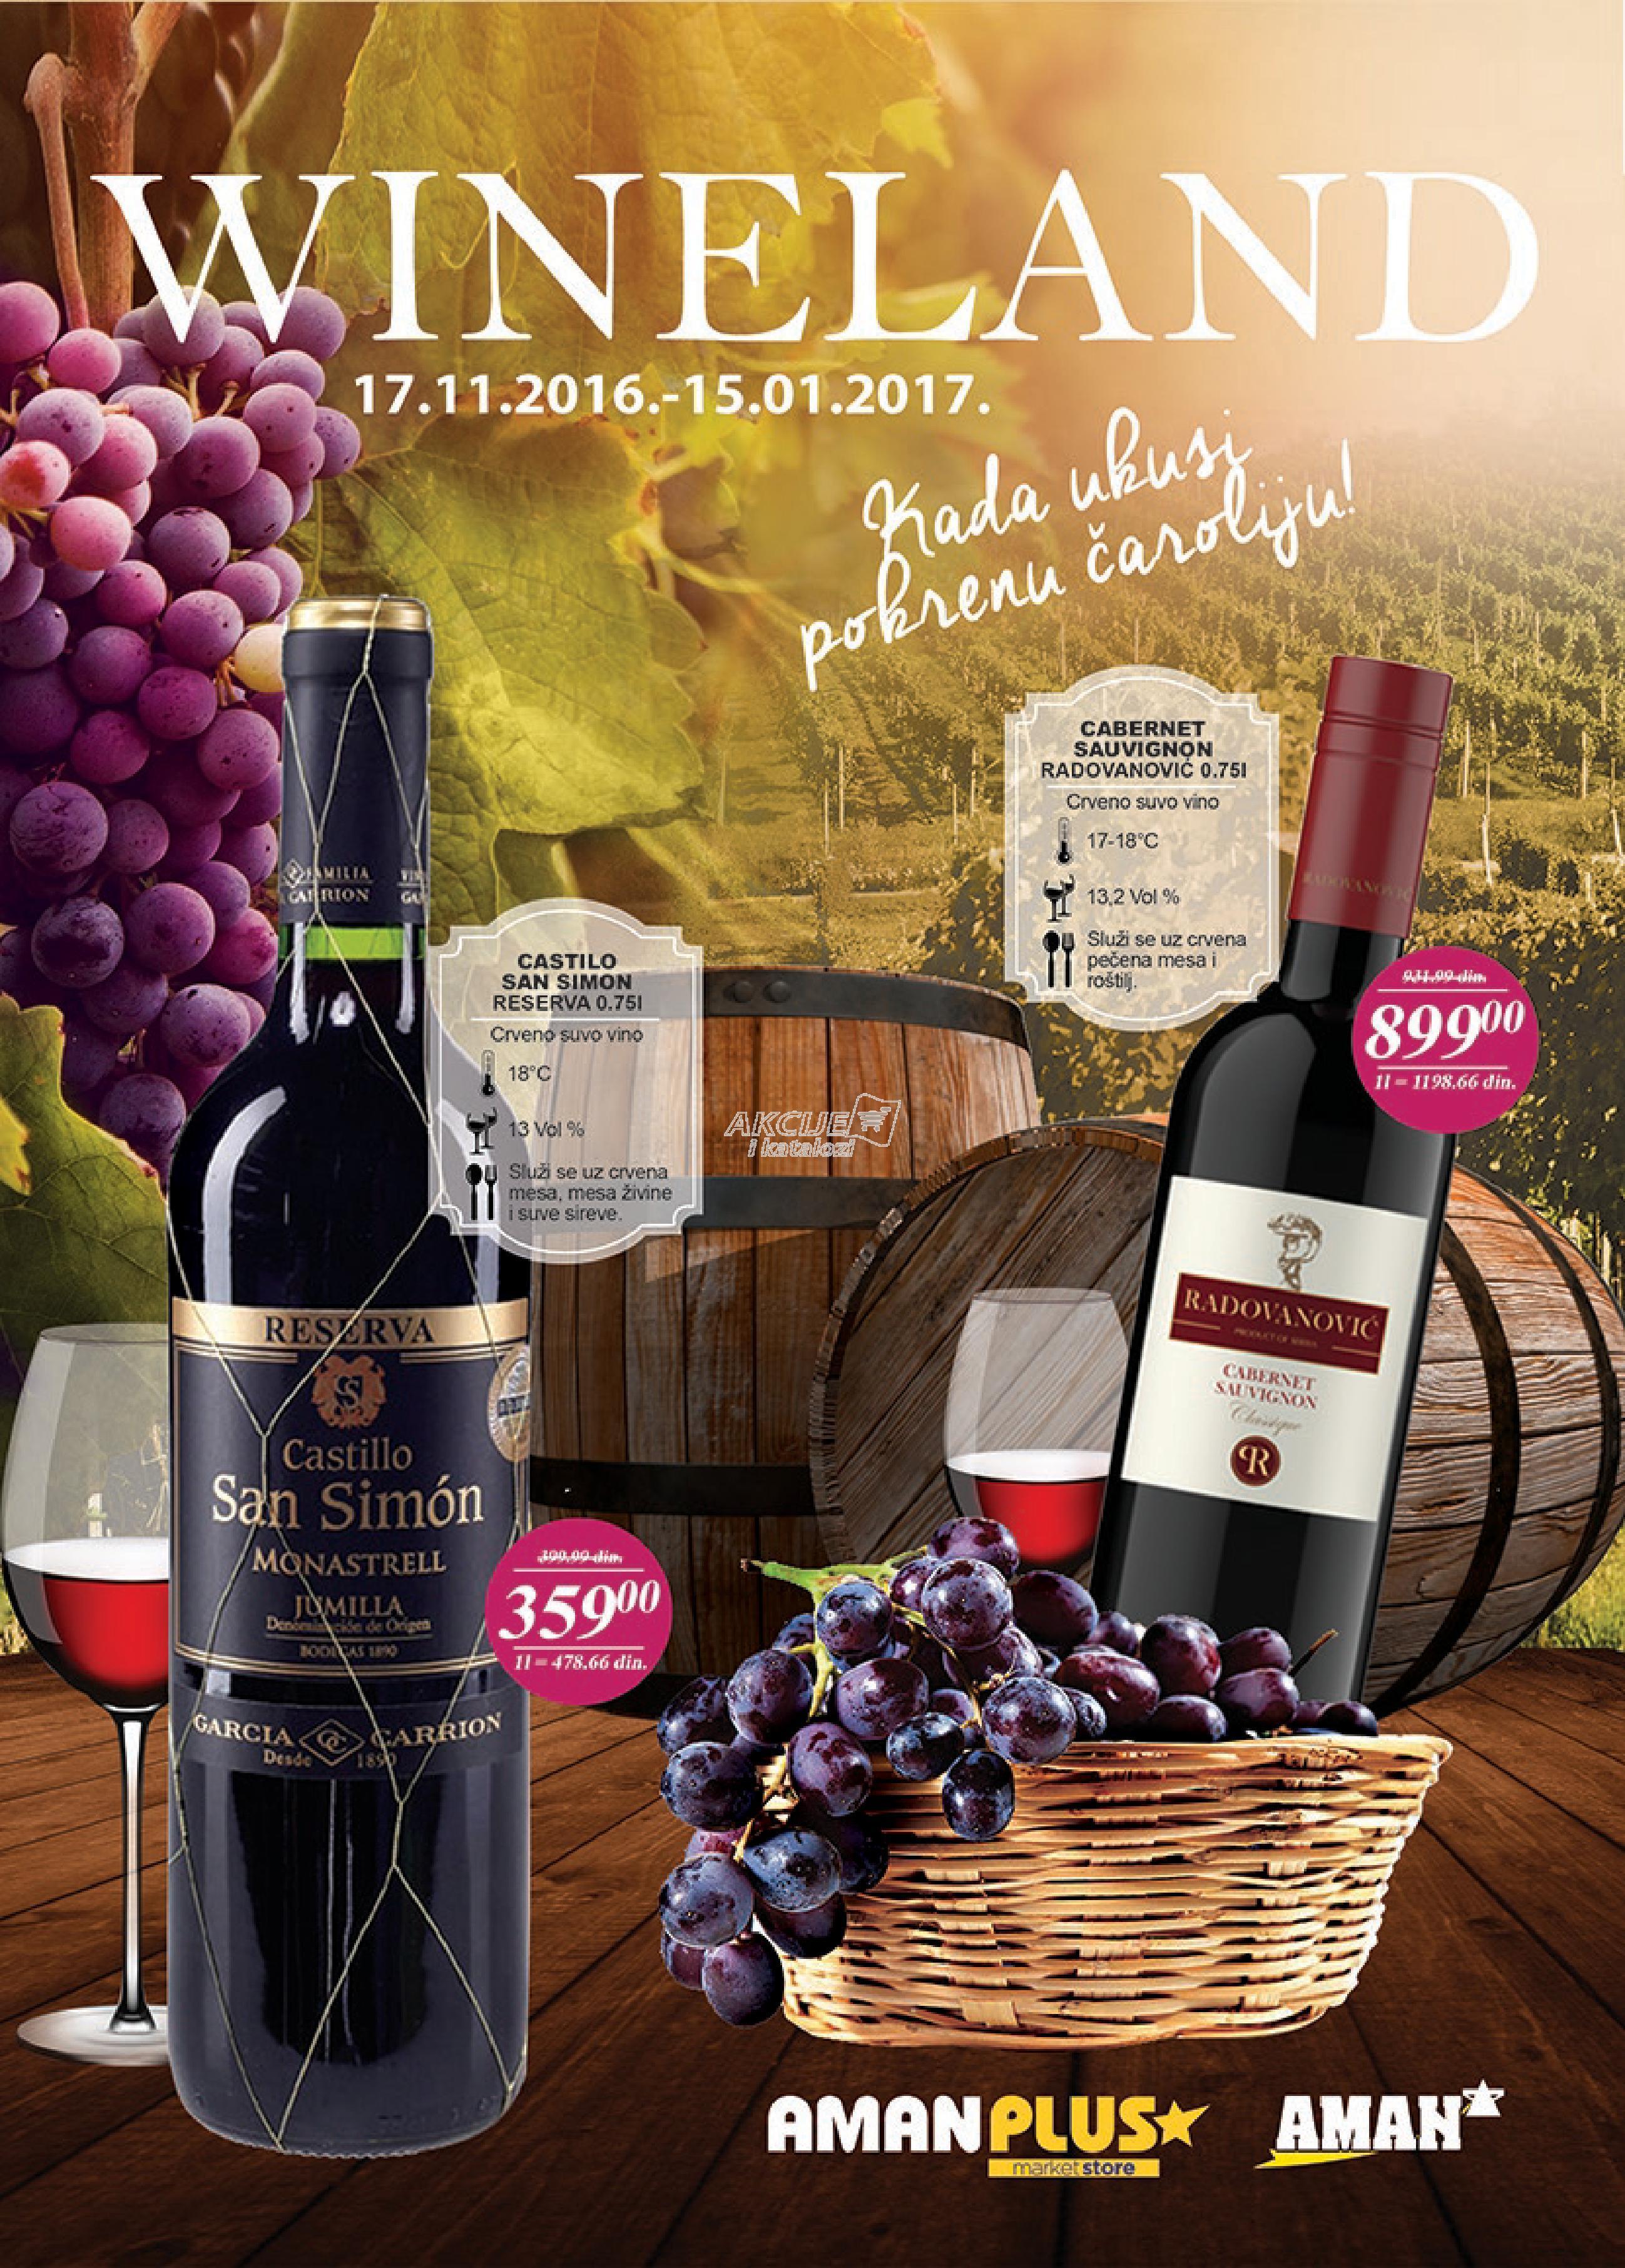 Aman akcija vino po super ceni